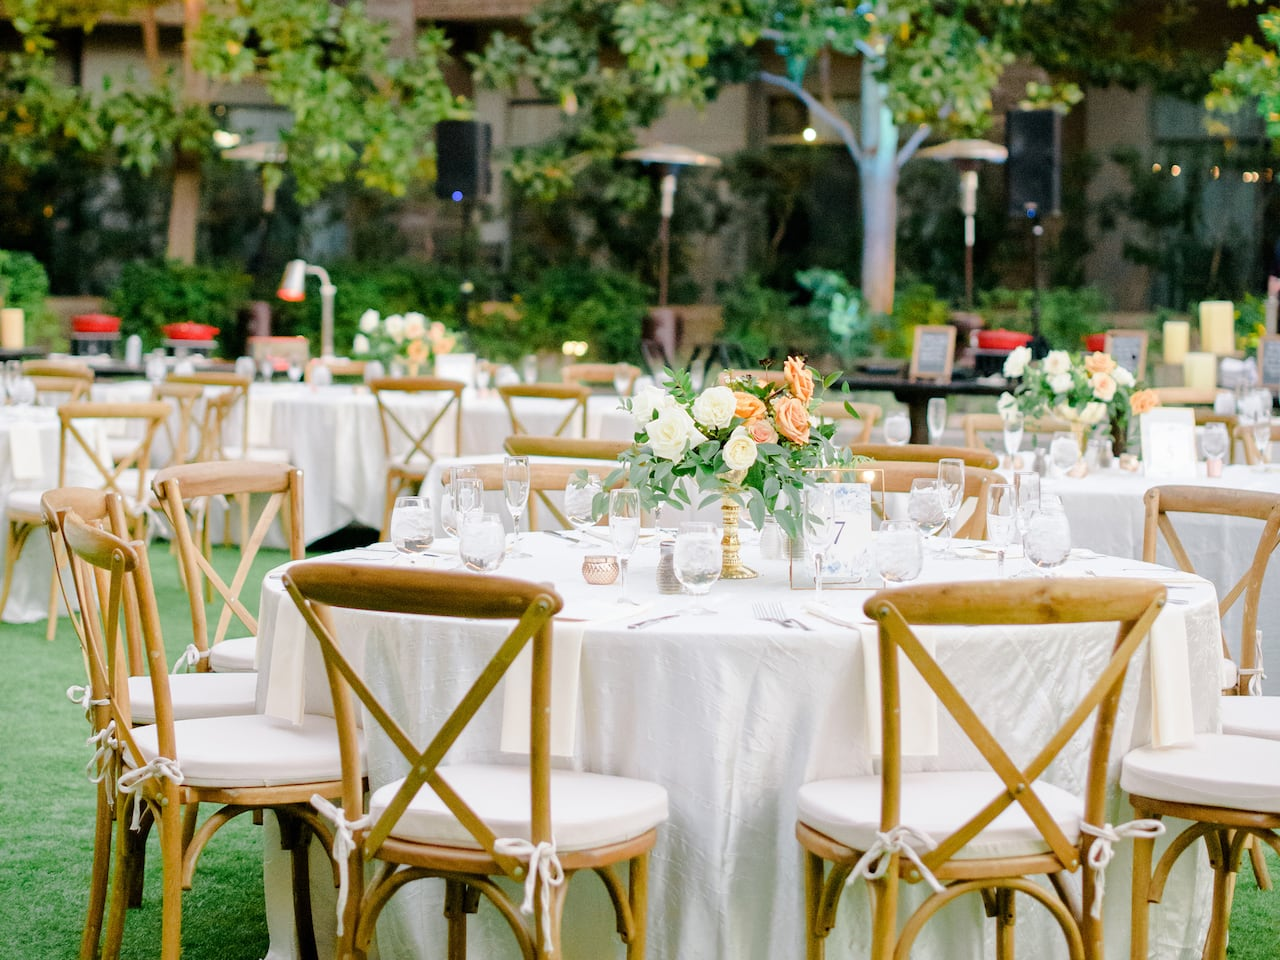 Outdoor wedding venue in Gainey Ranch